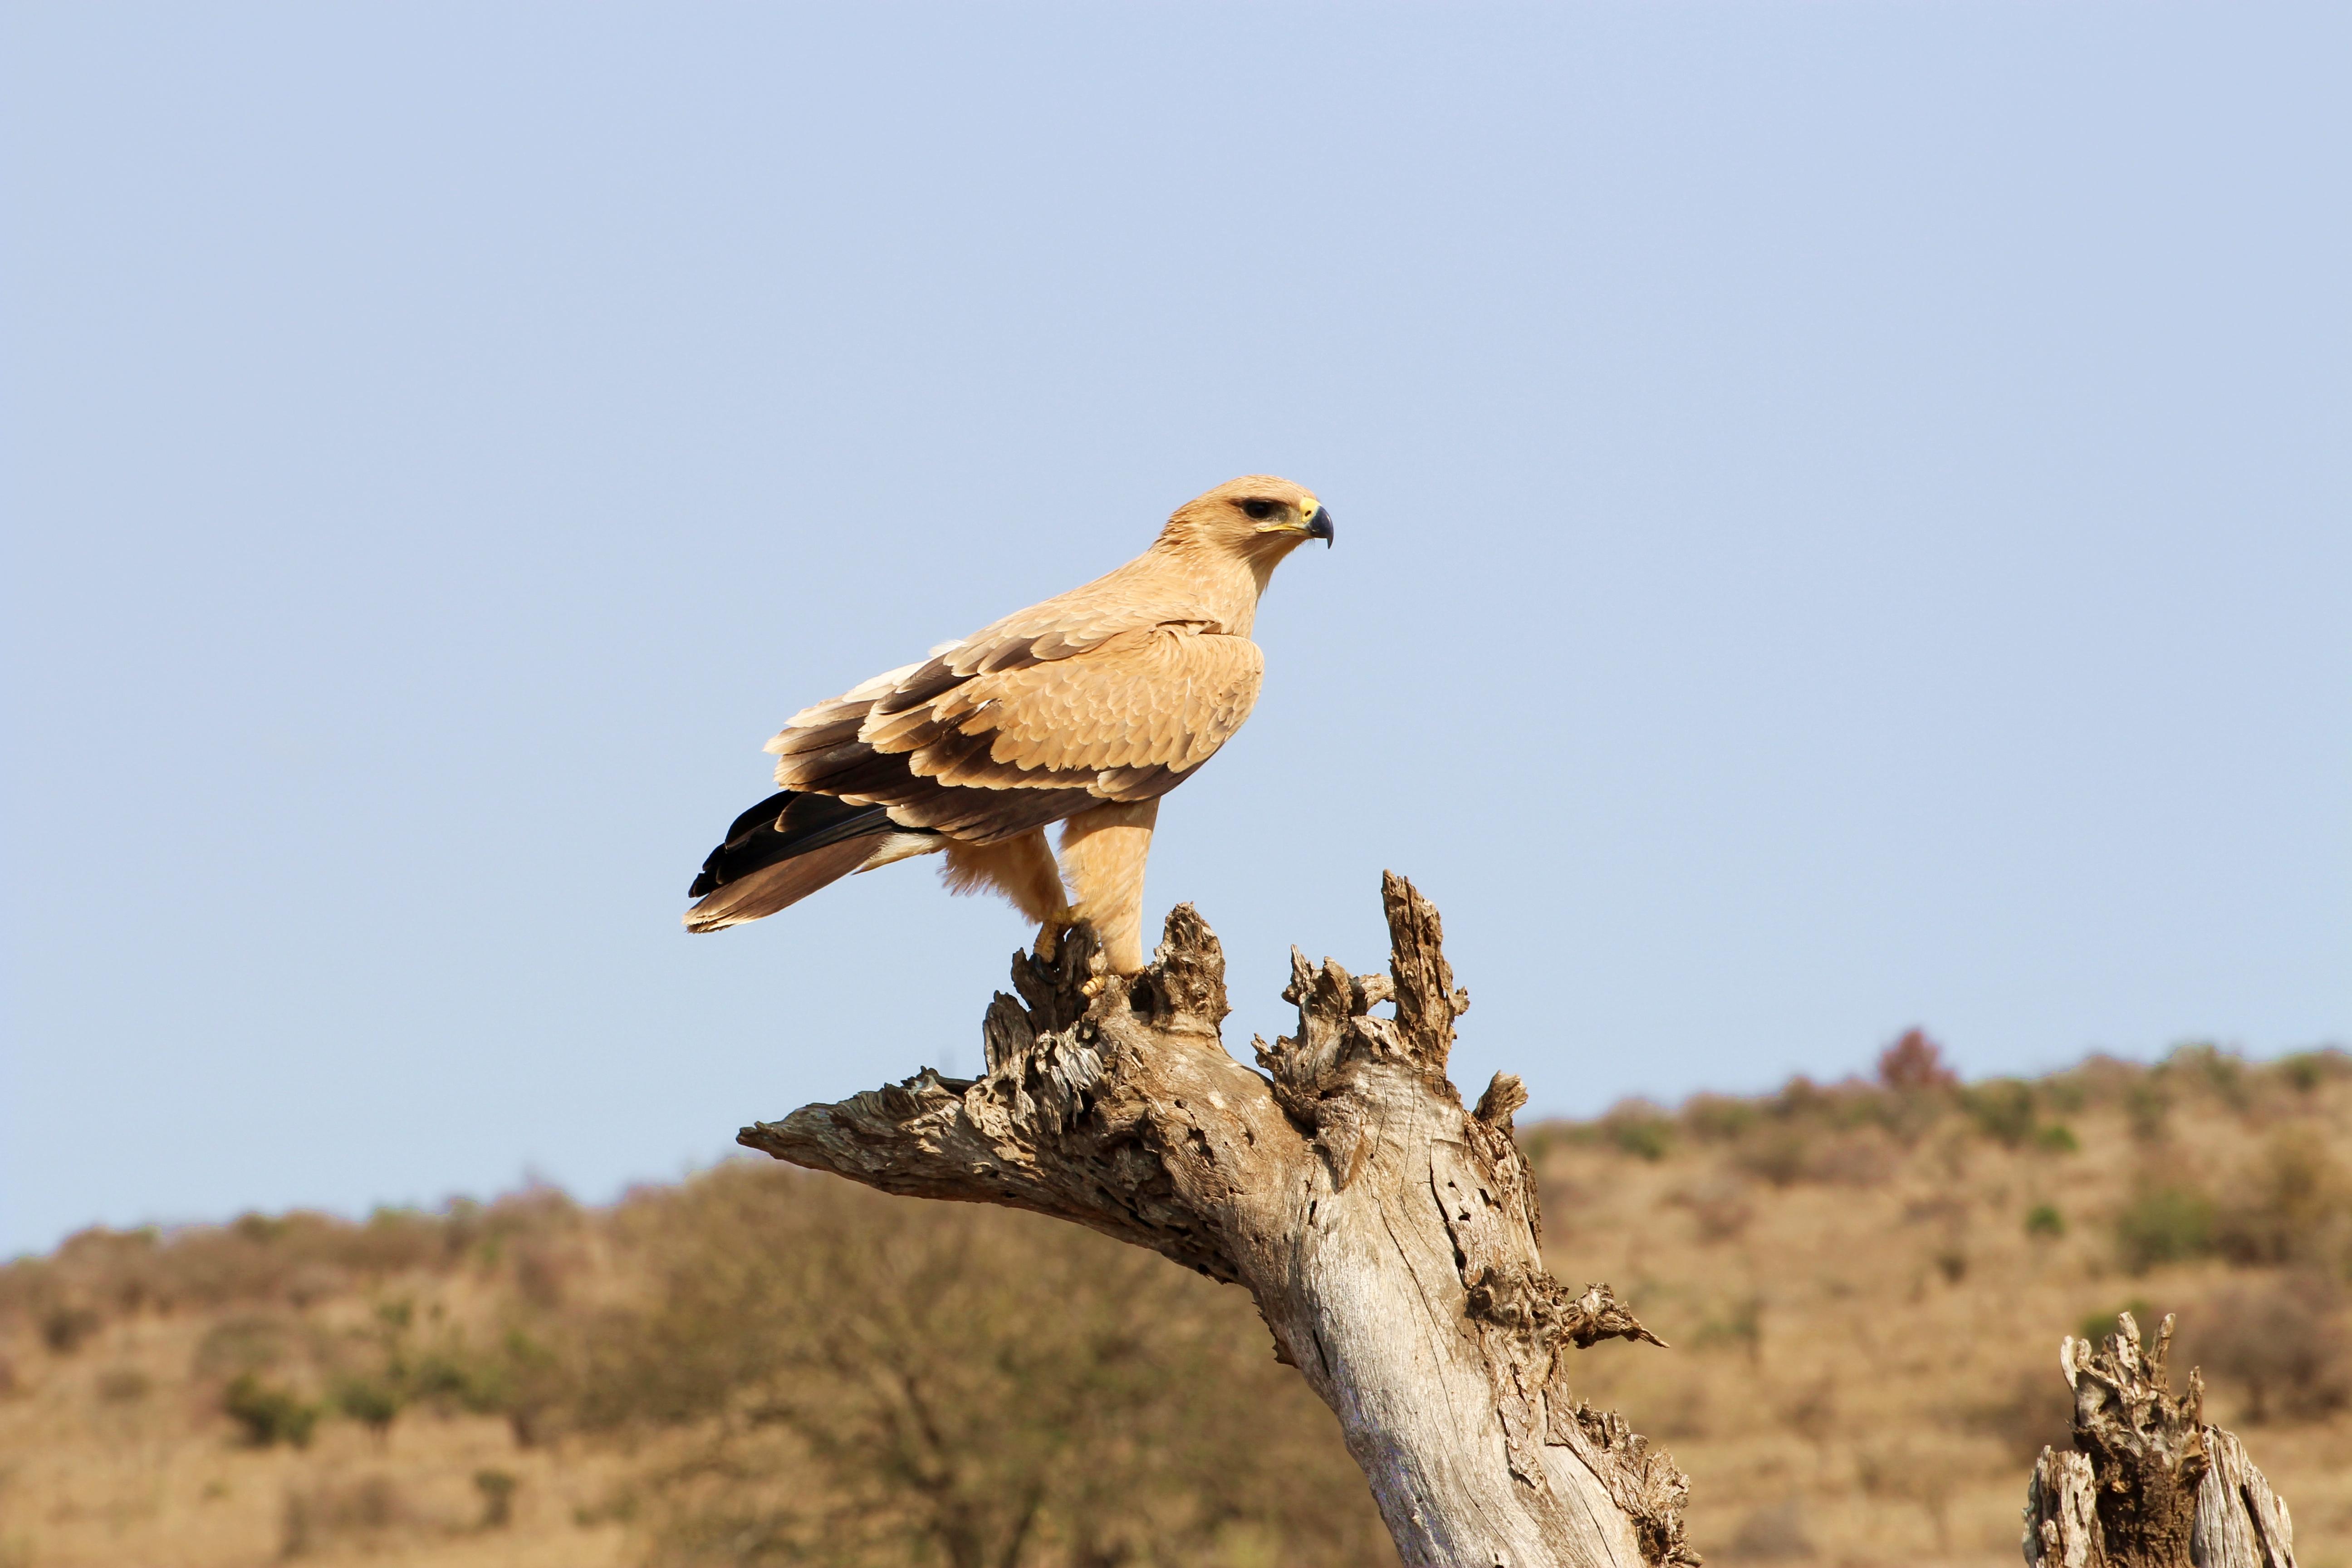 Kruger bird